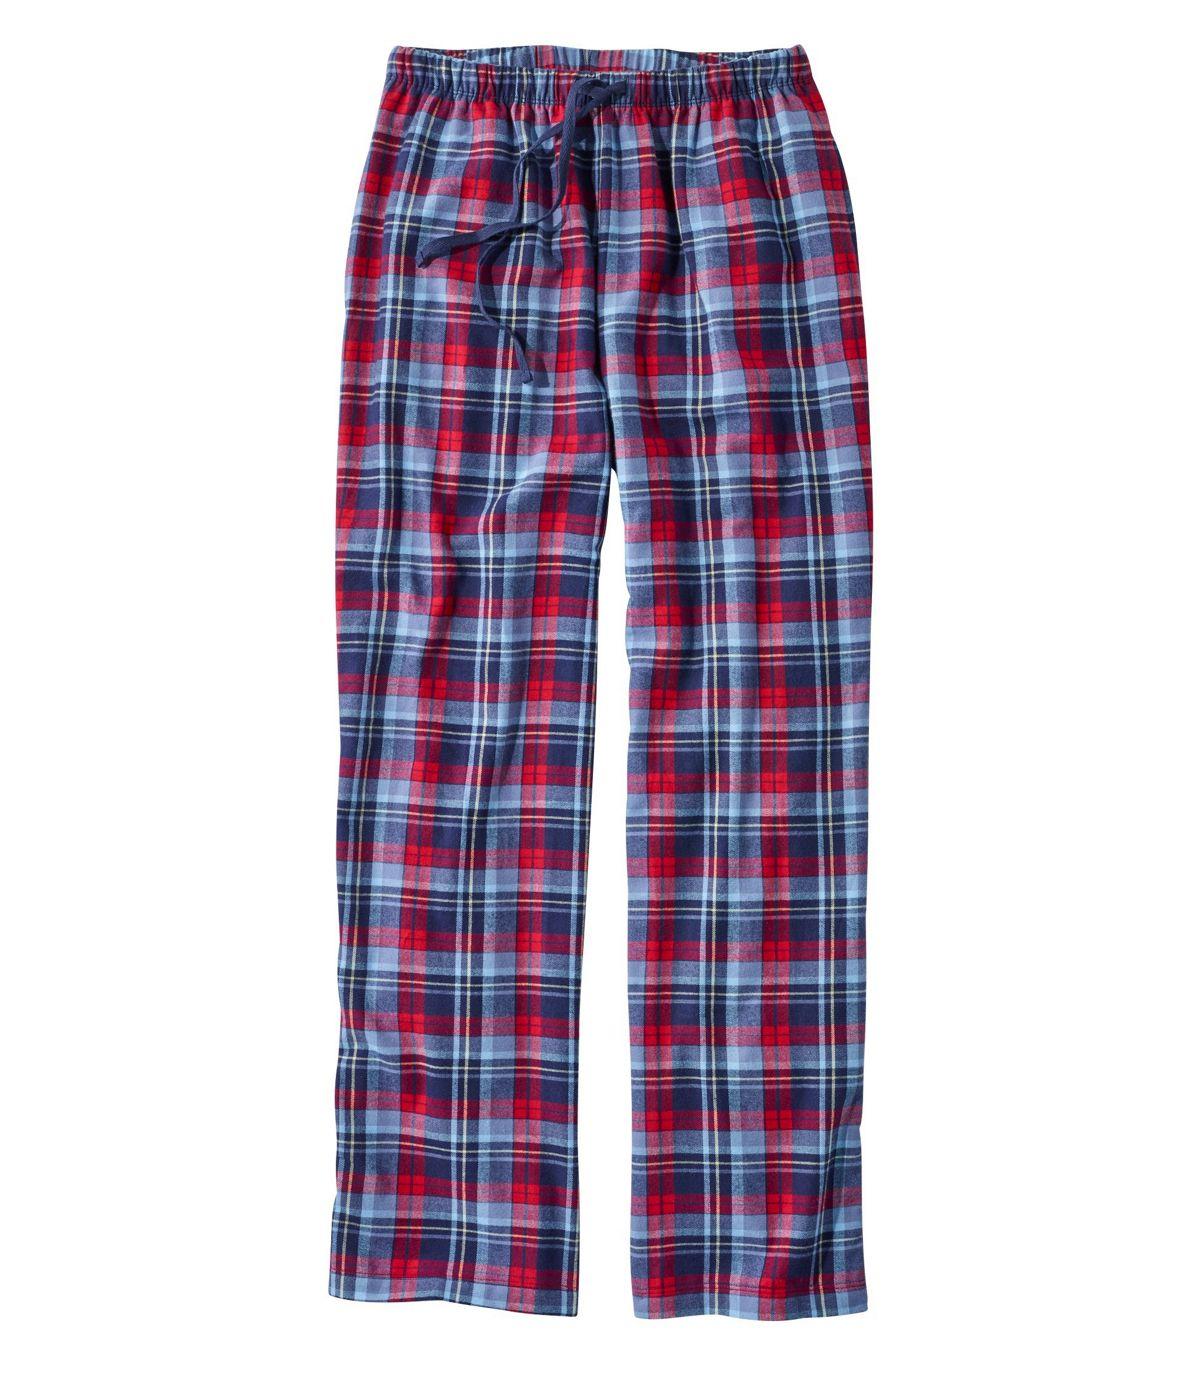 Petite Flannel Sleep Pants